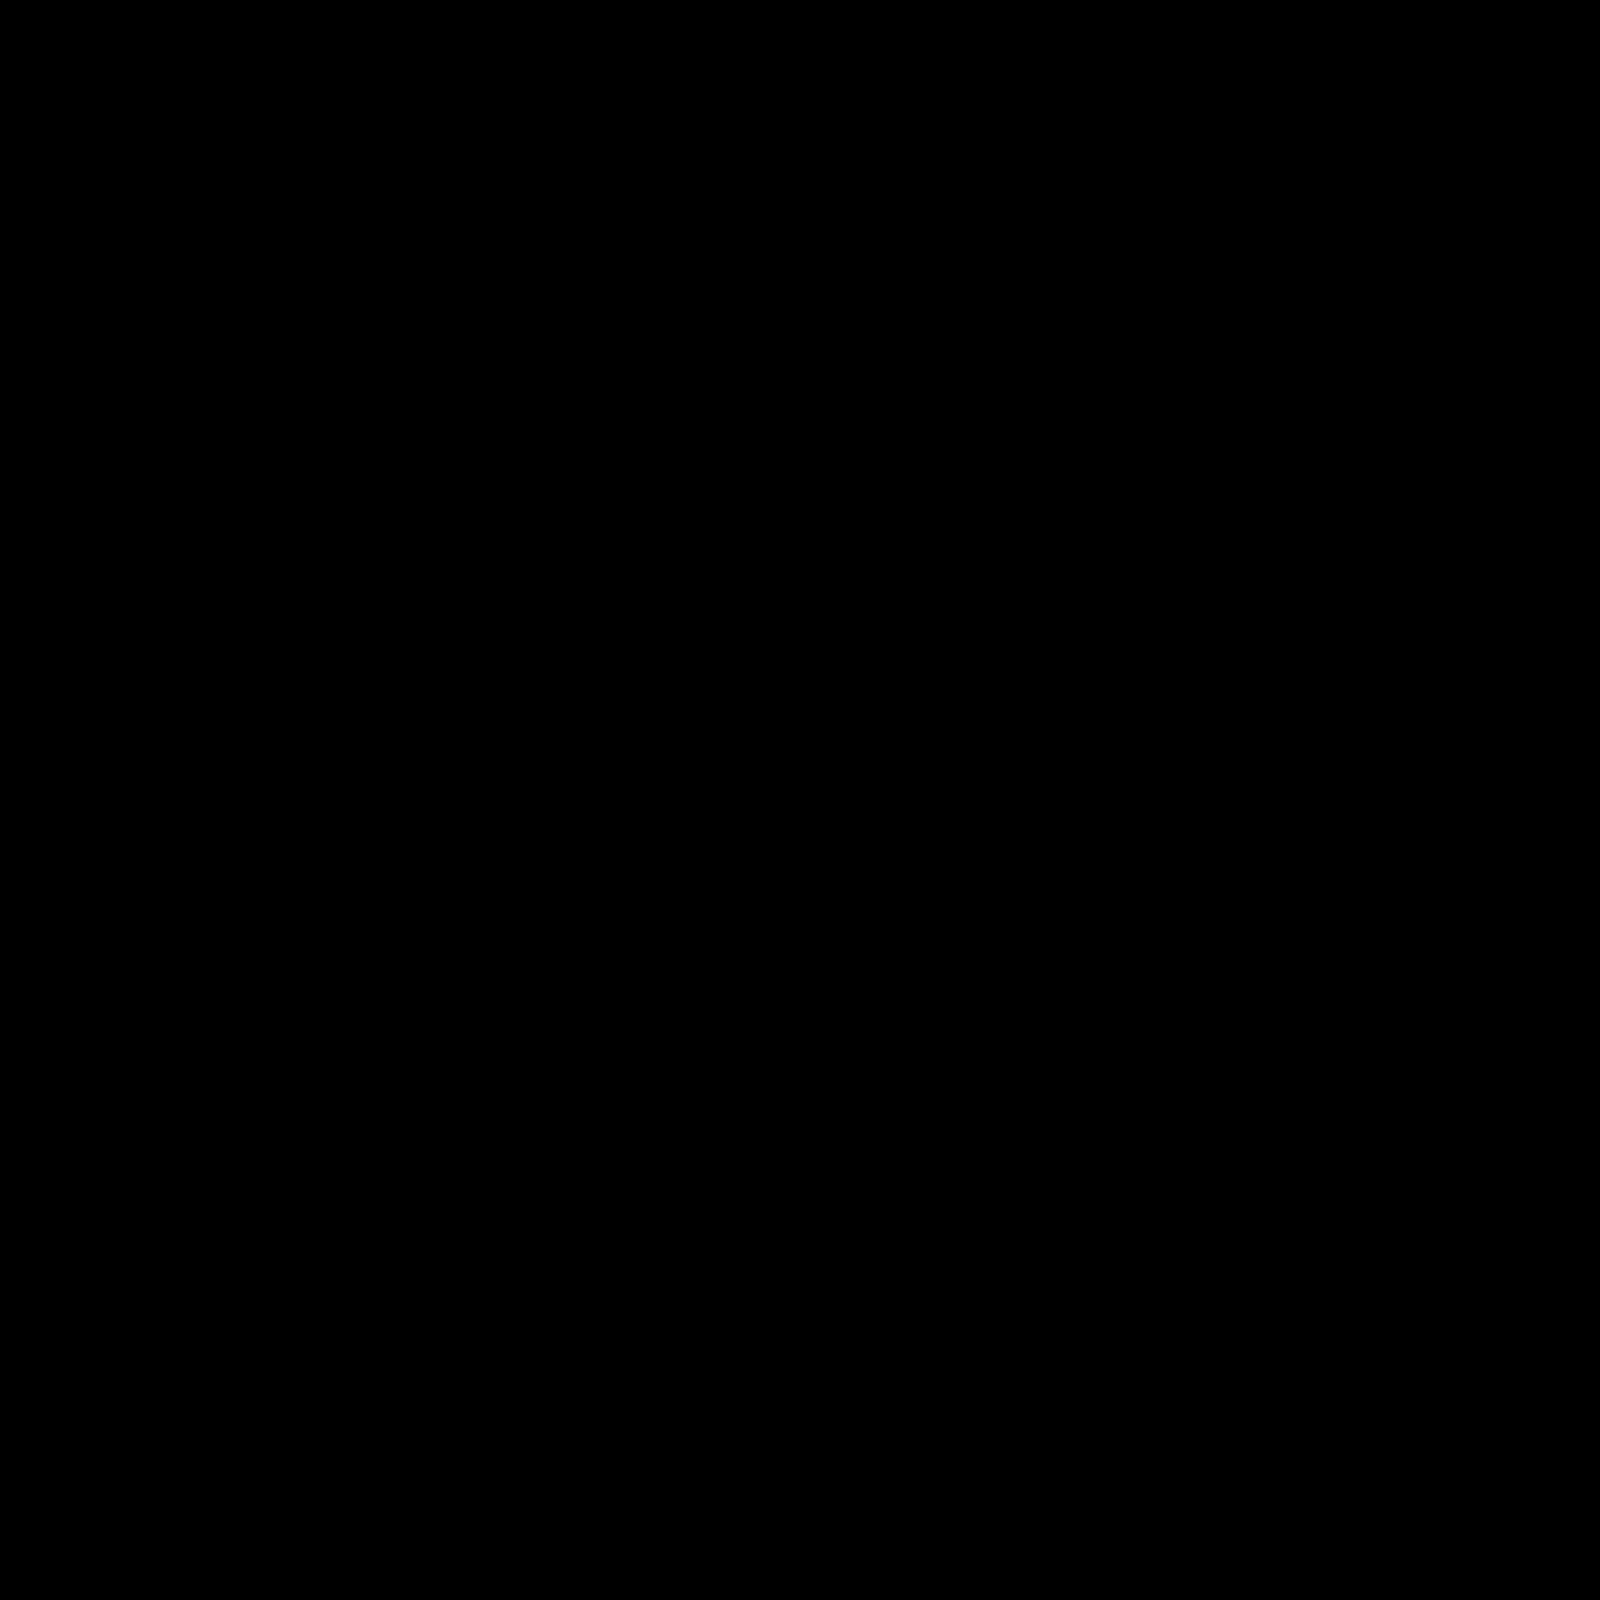 Резюме PNG